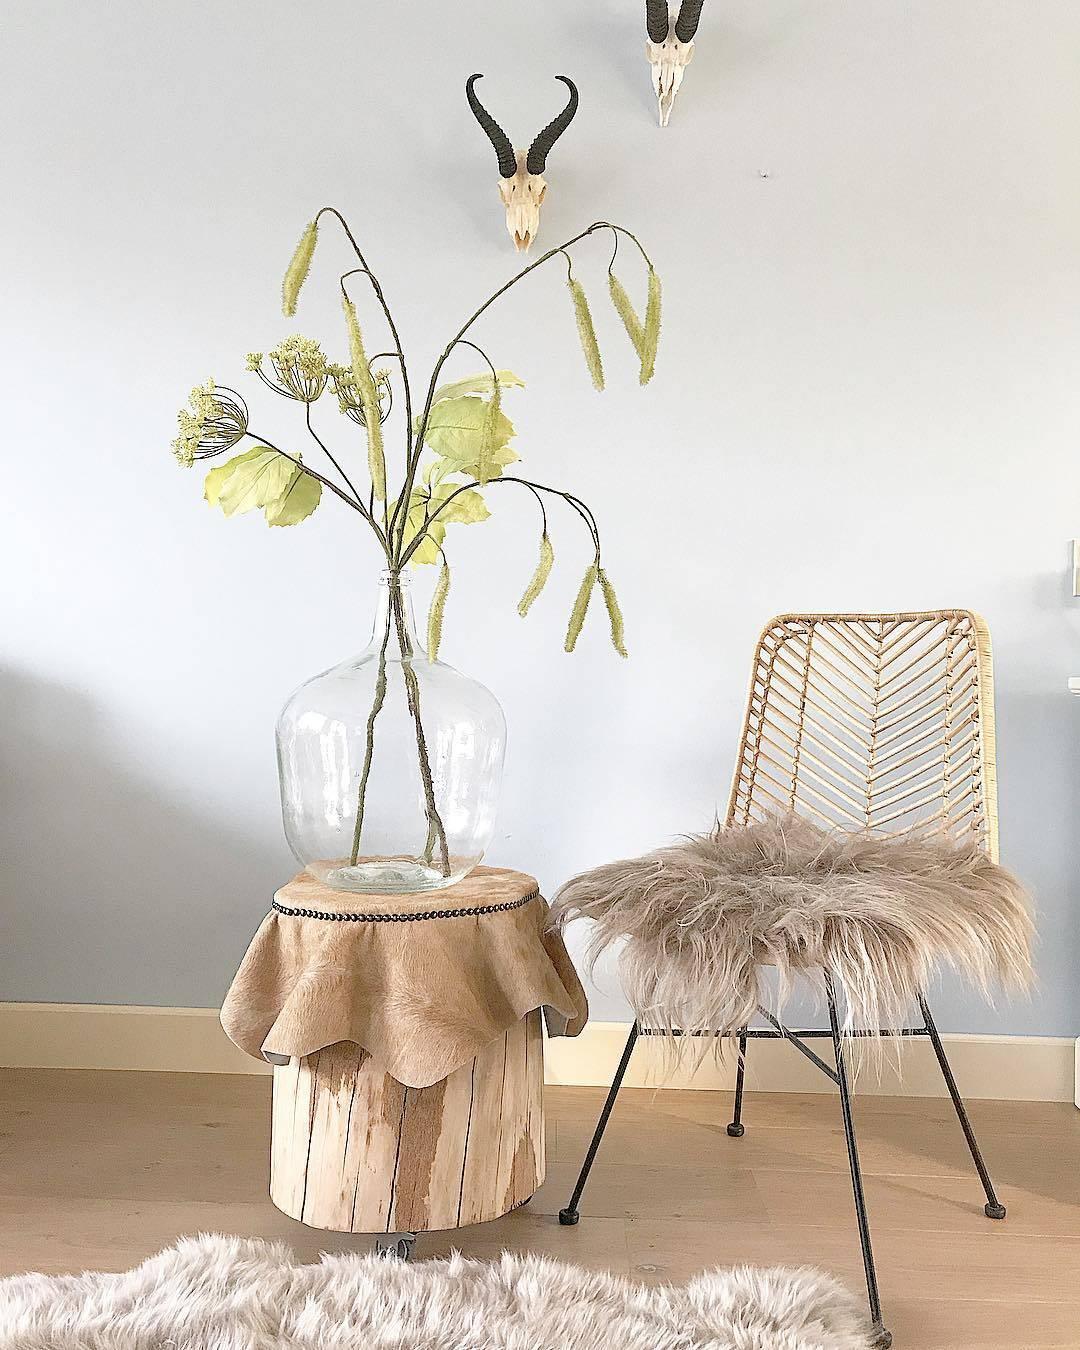 Stoelpads voor op een stoel